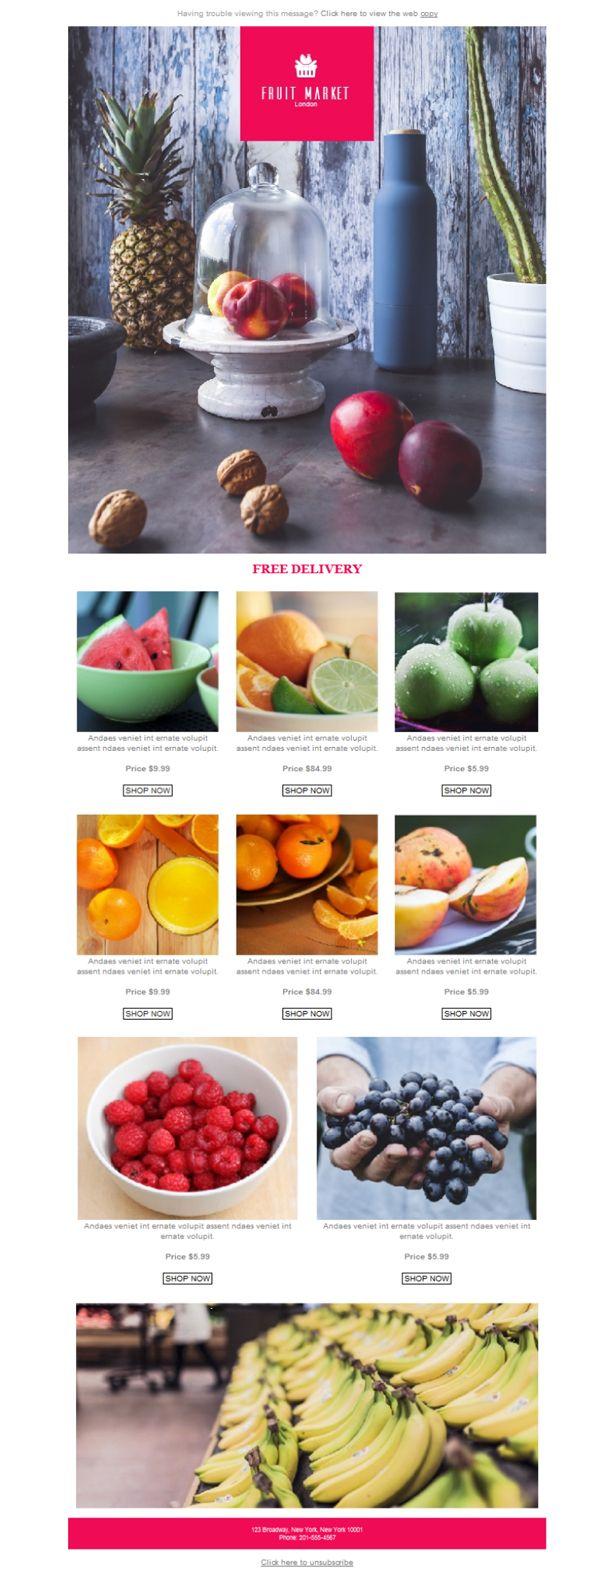 ¿Lo tuyo es la venta minorista de frutas? ¿Sandías, melones y manzanas? Prueba a hacer emailing con Mailify y darle color a tu negocio con estas plantillas newsletter que Mailify ha diseñado para ti.